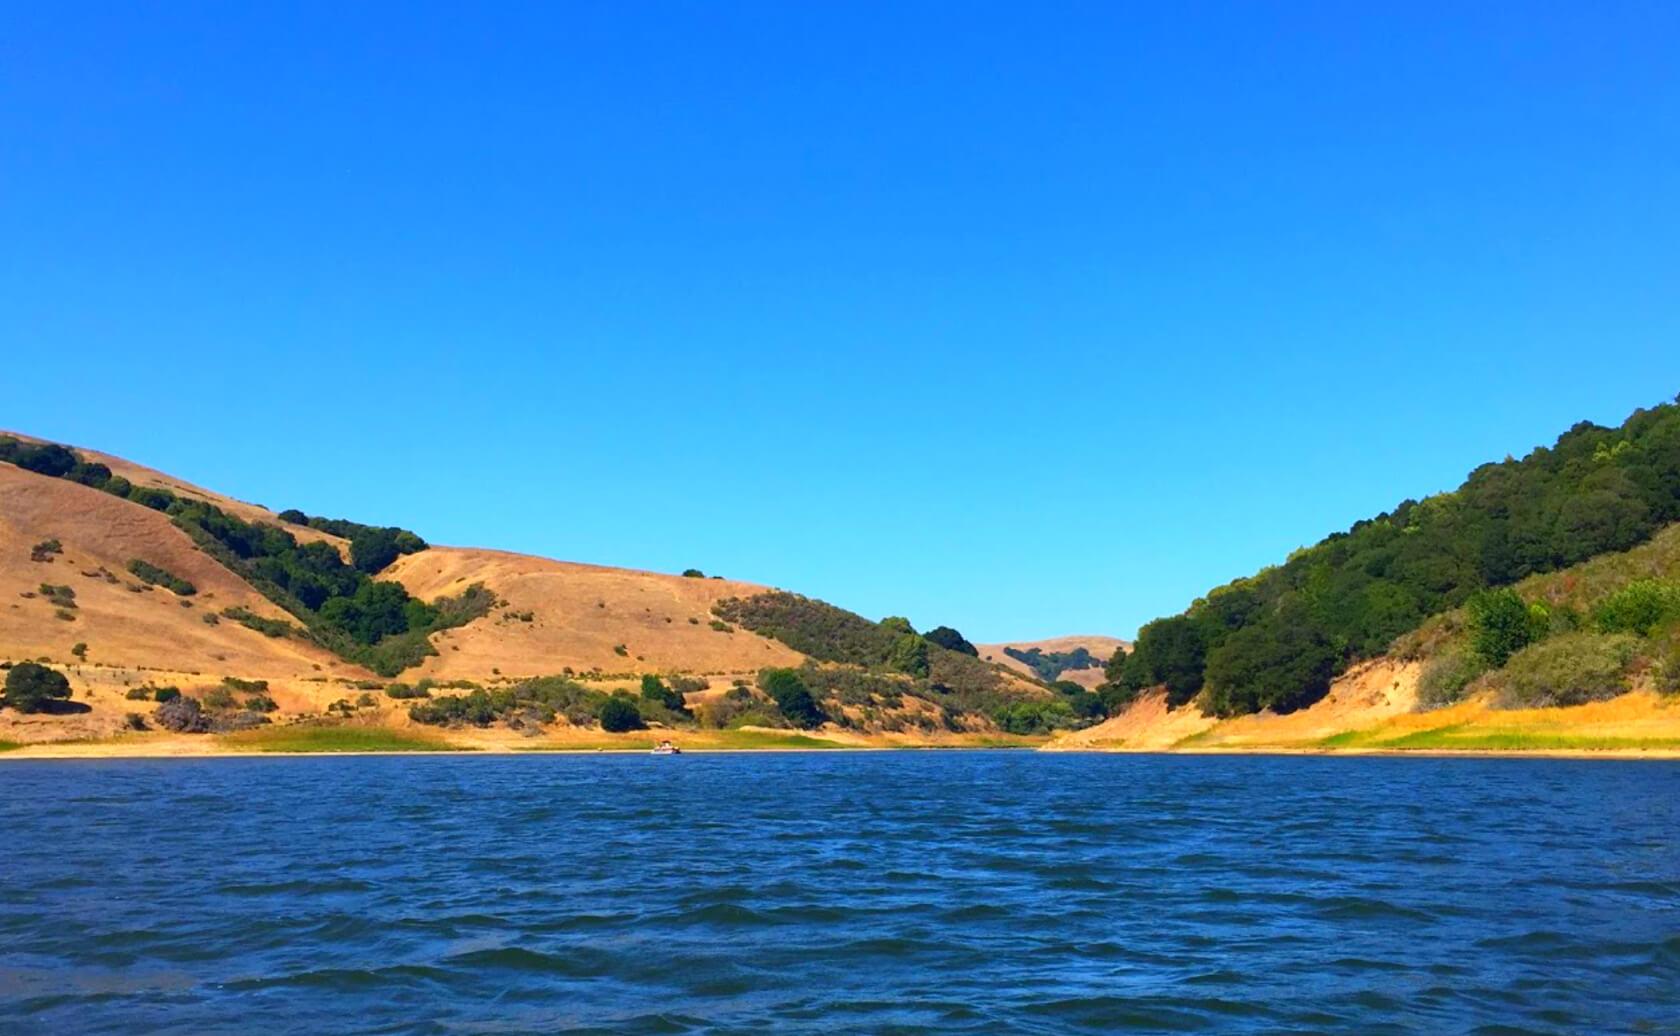 San-Pablo-Lake-Reservoir-Fishing-Guide-Report-California-04